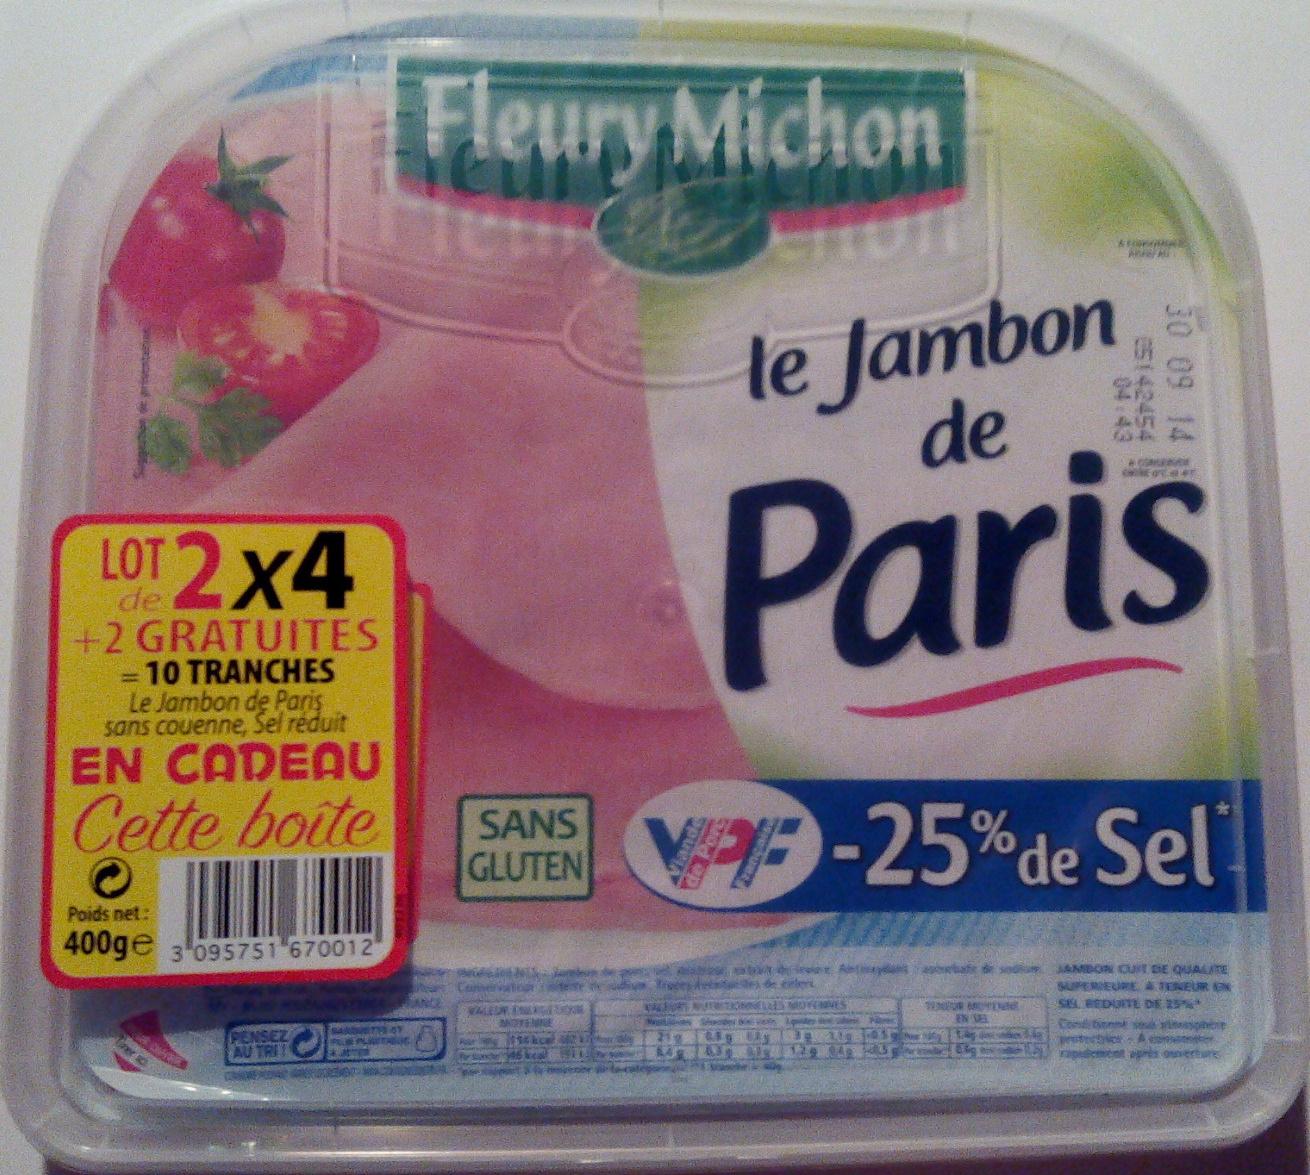 Le Jambon de Paris (- 25 % de Sel) Lot de 2 x 4 + 2 Gratuites = 10 Tranches - Produit - fr